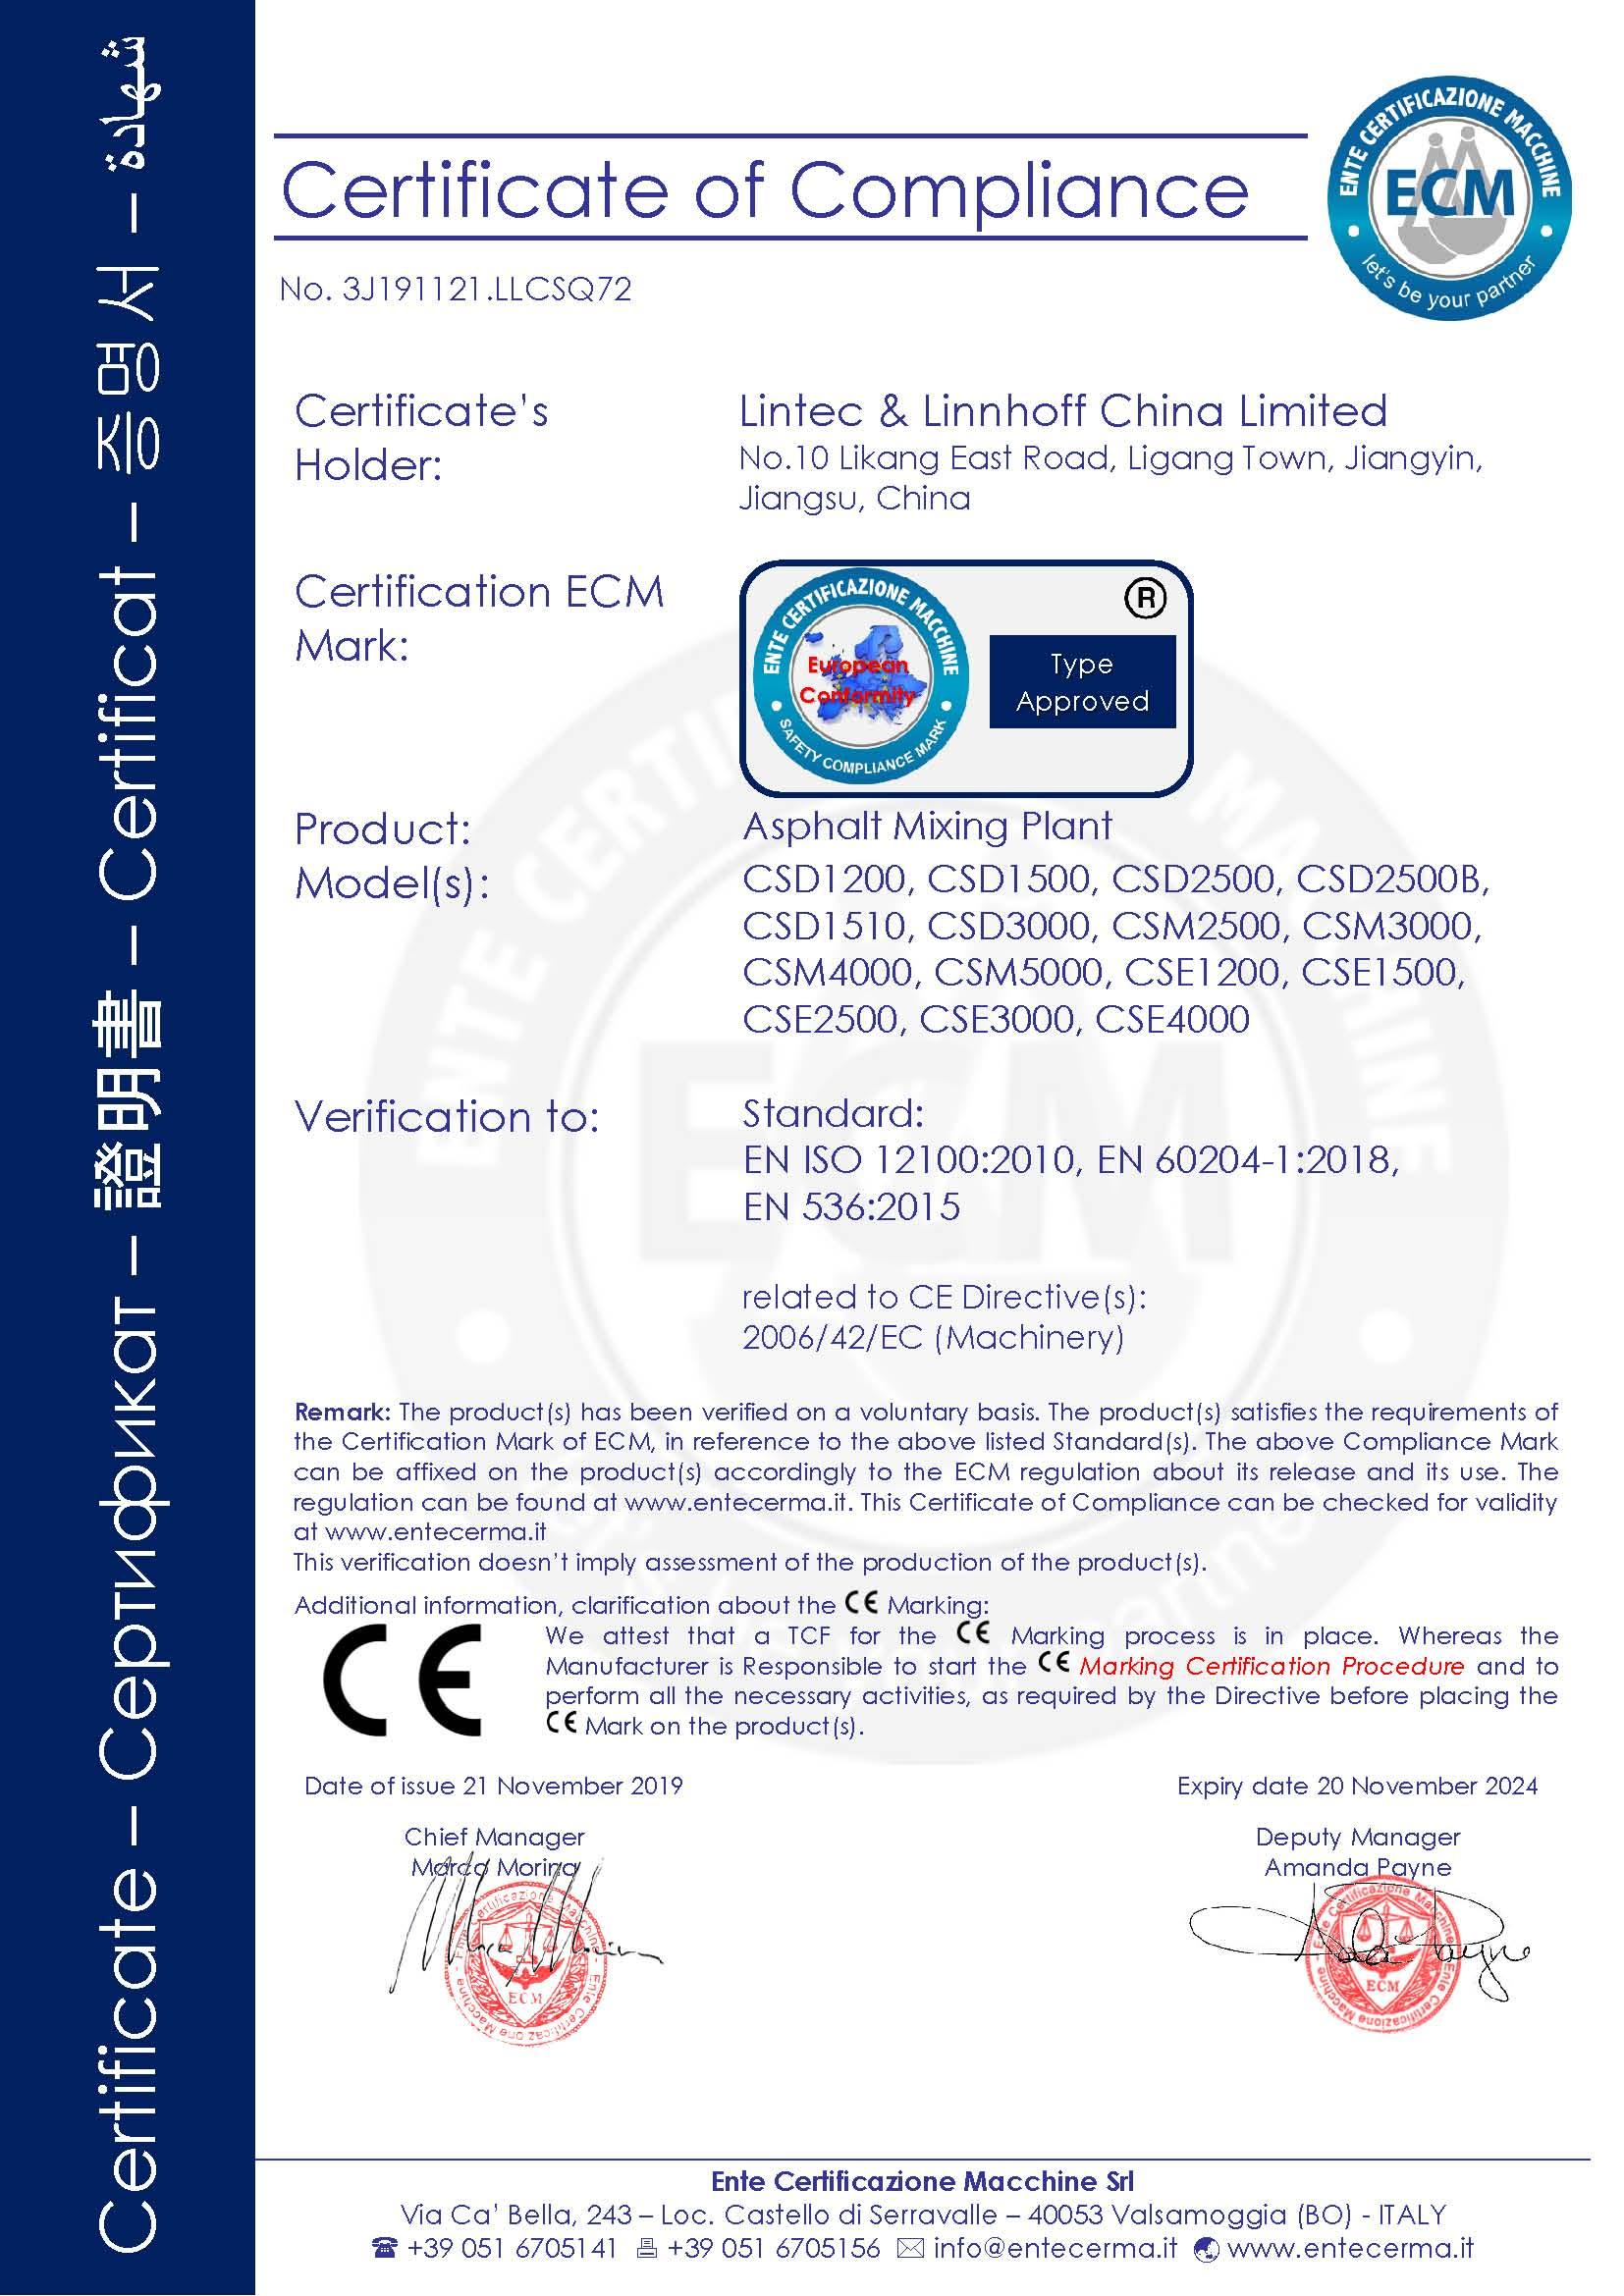 Ente Certificazione Macchine